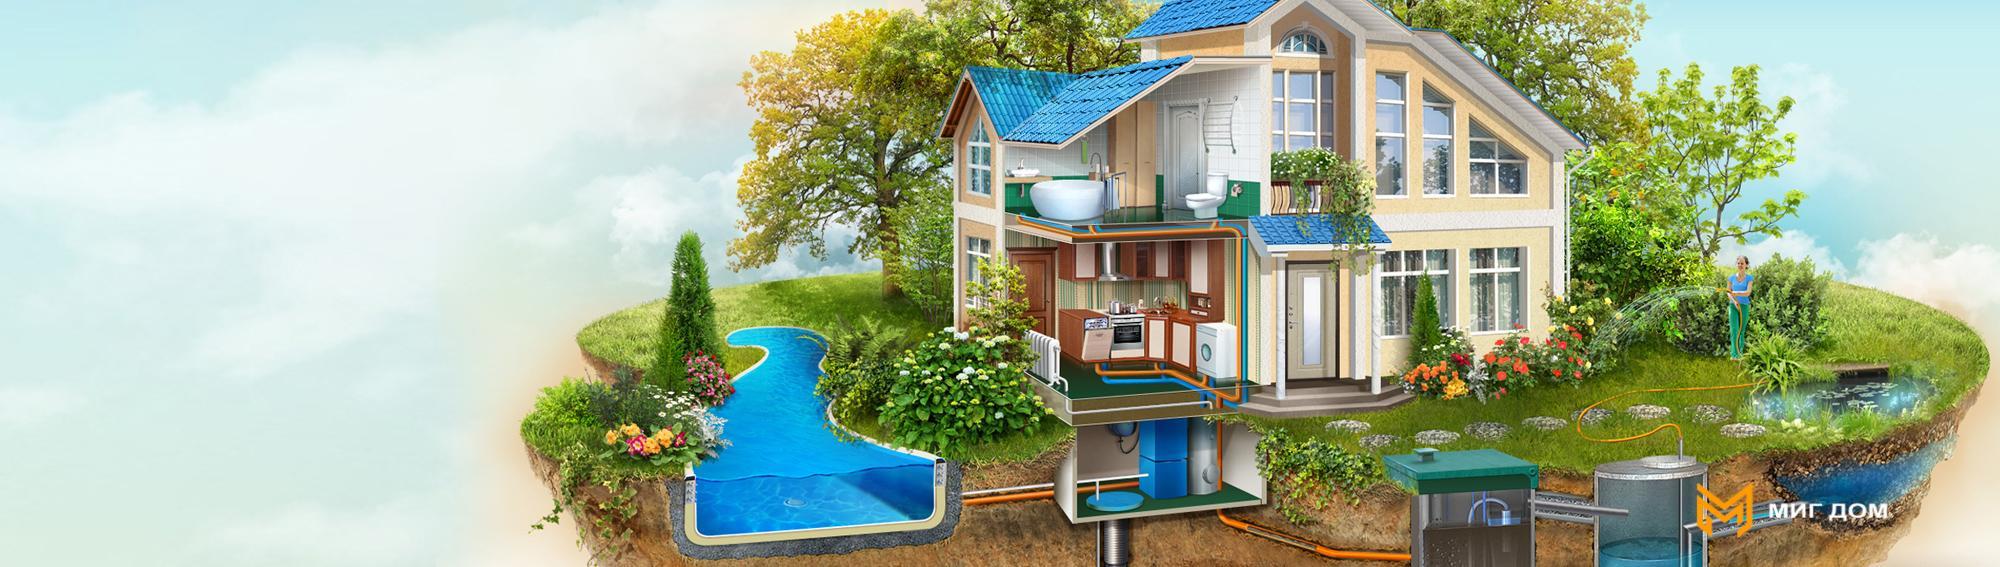 Проект дома в подарок!